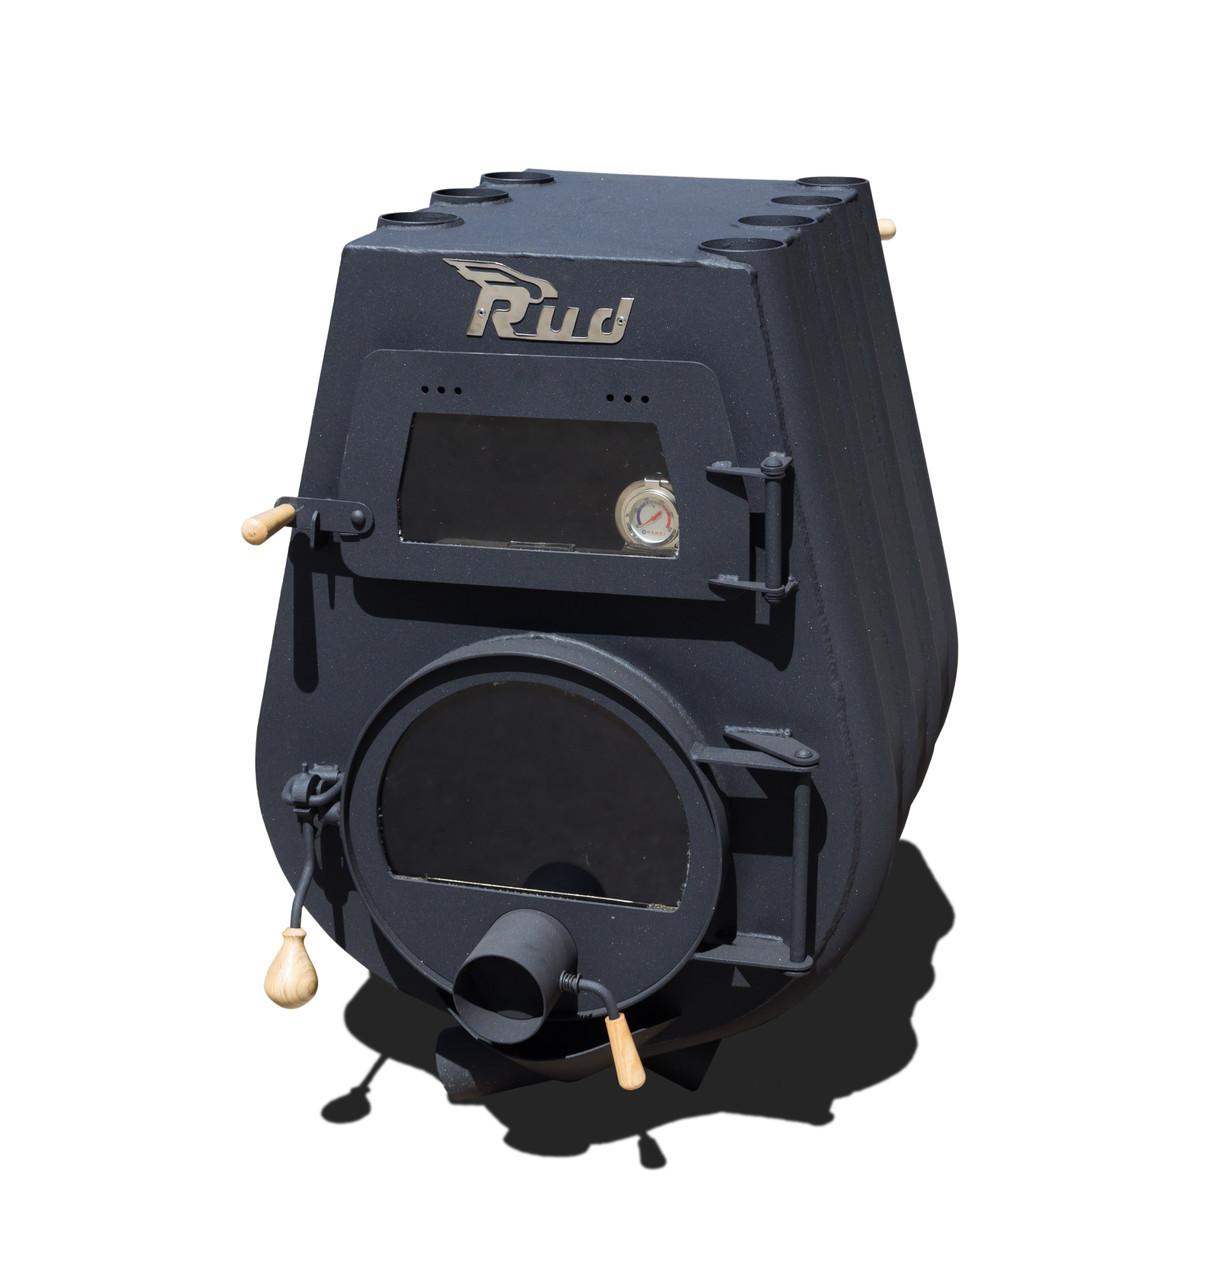 Печь булерьян rud pyrotron кантри с духовкой и варочной поверхностью 10 кВт [тип 01]